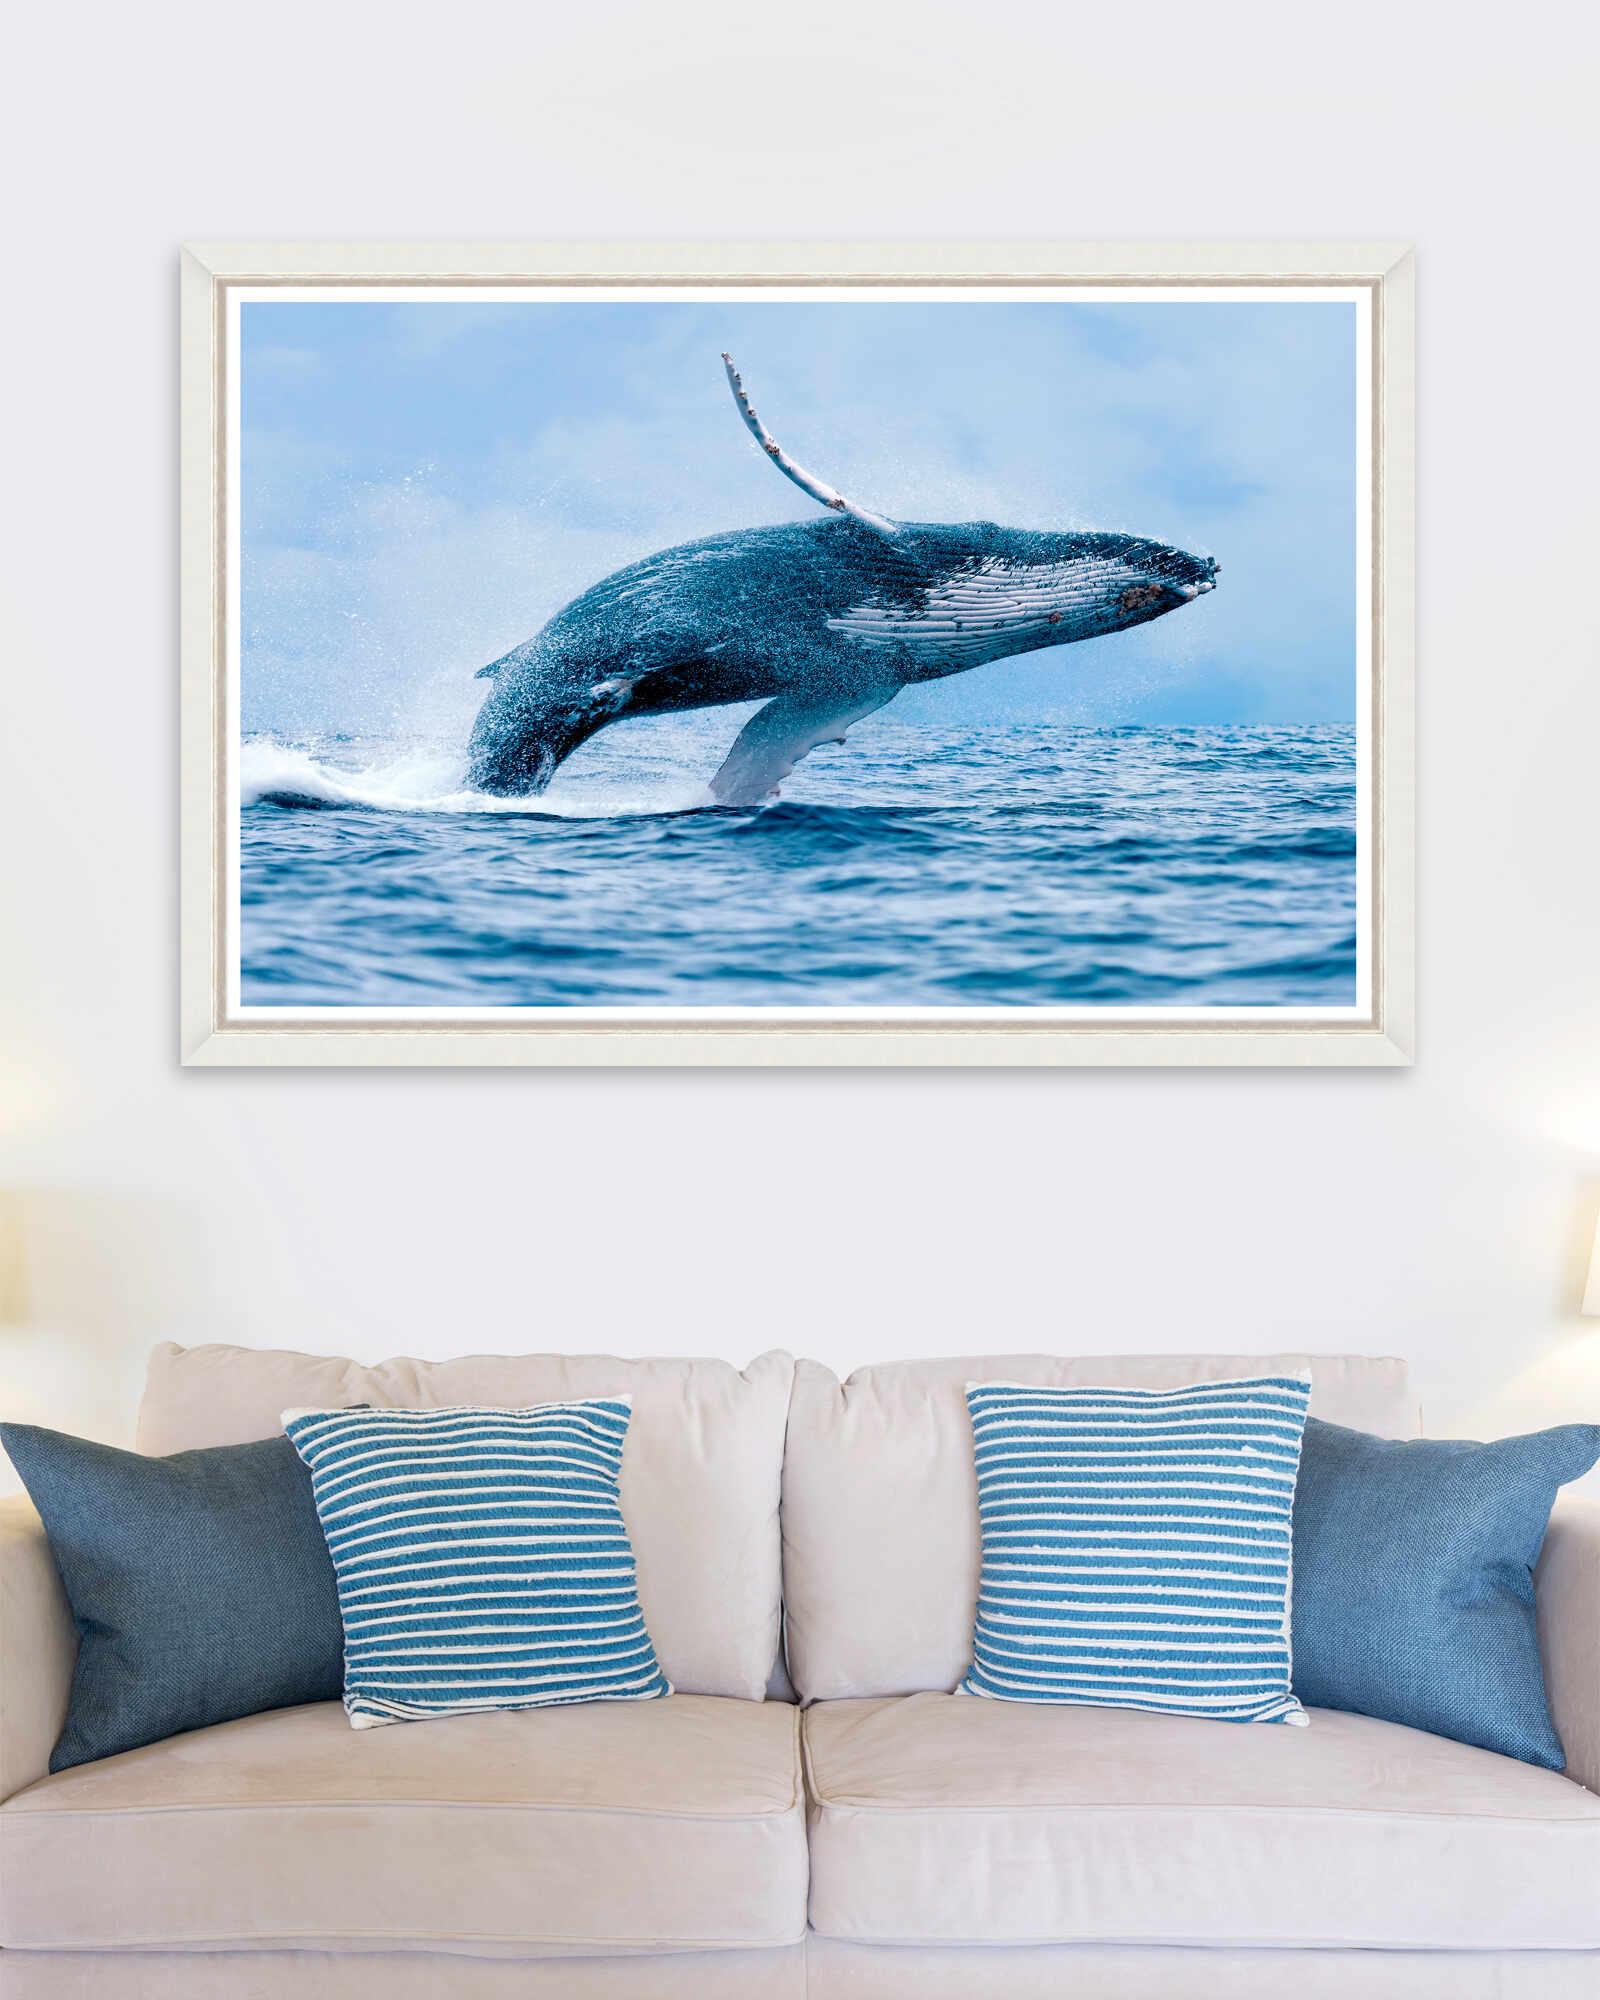 Tablou Framed Art The Whale la pret 735 lei